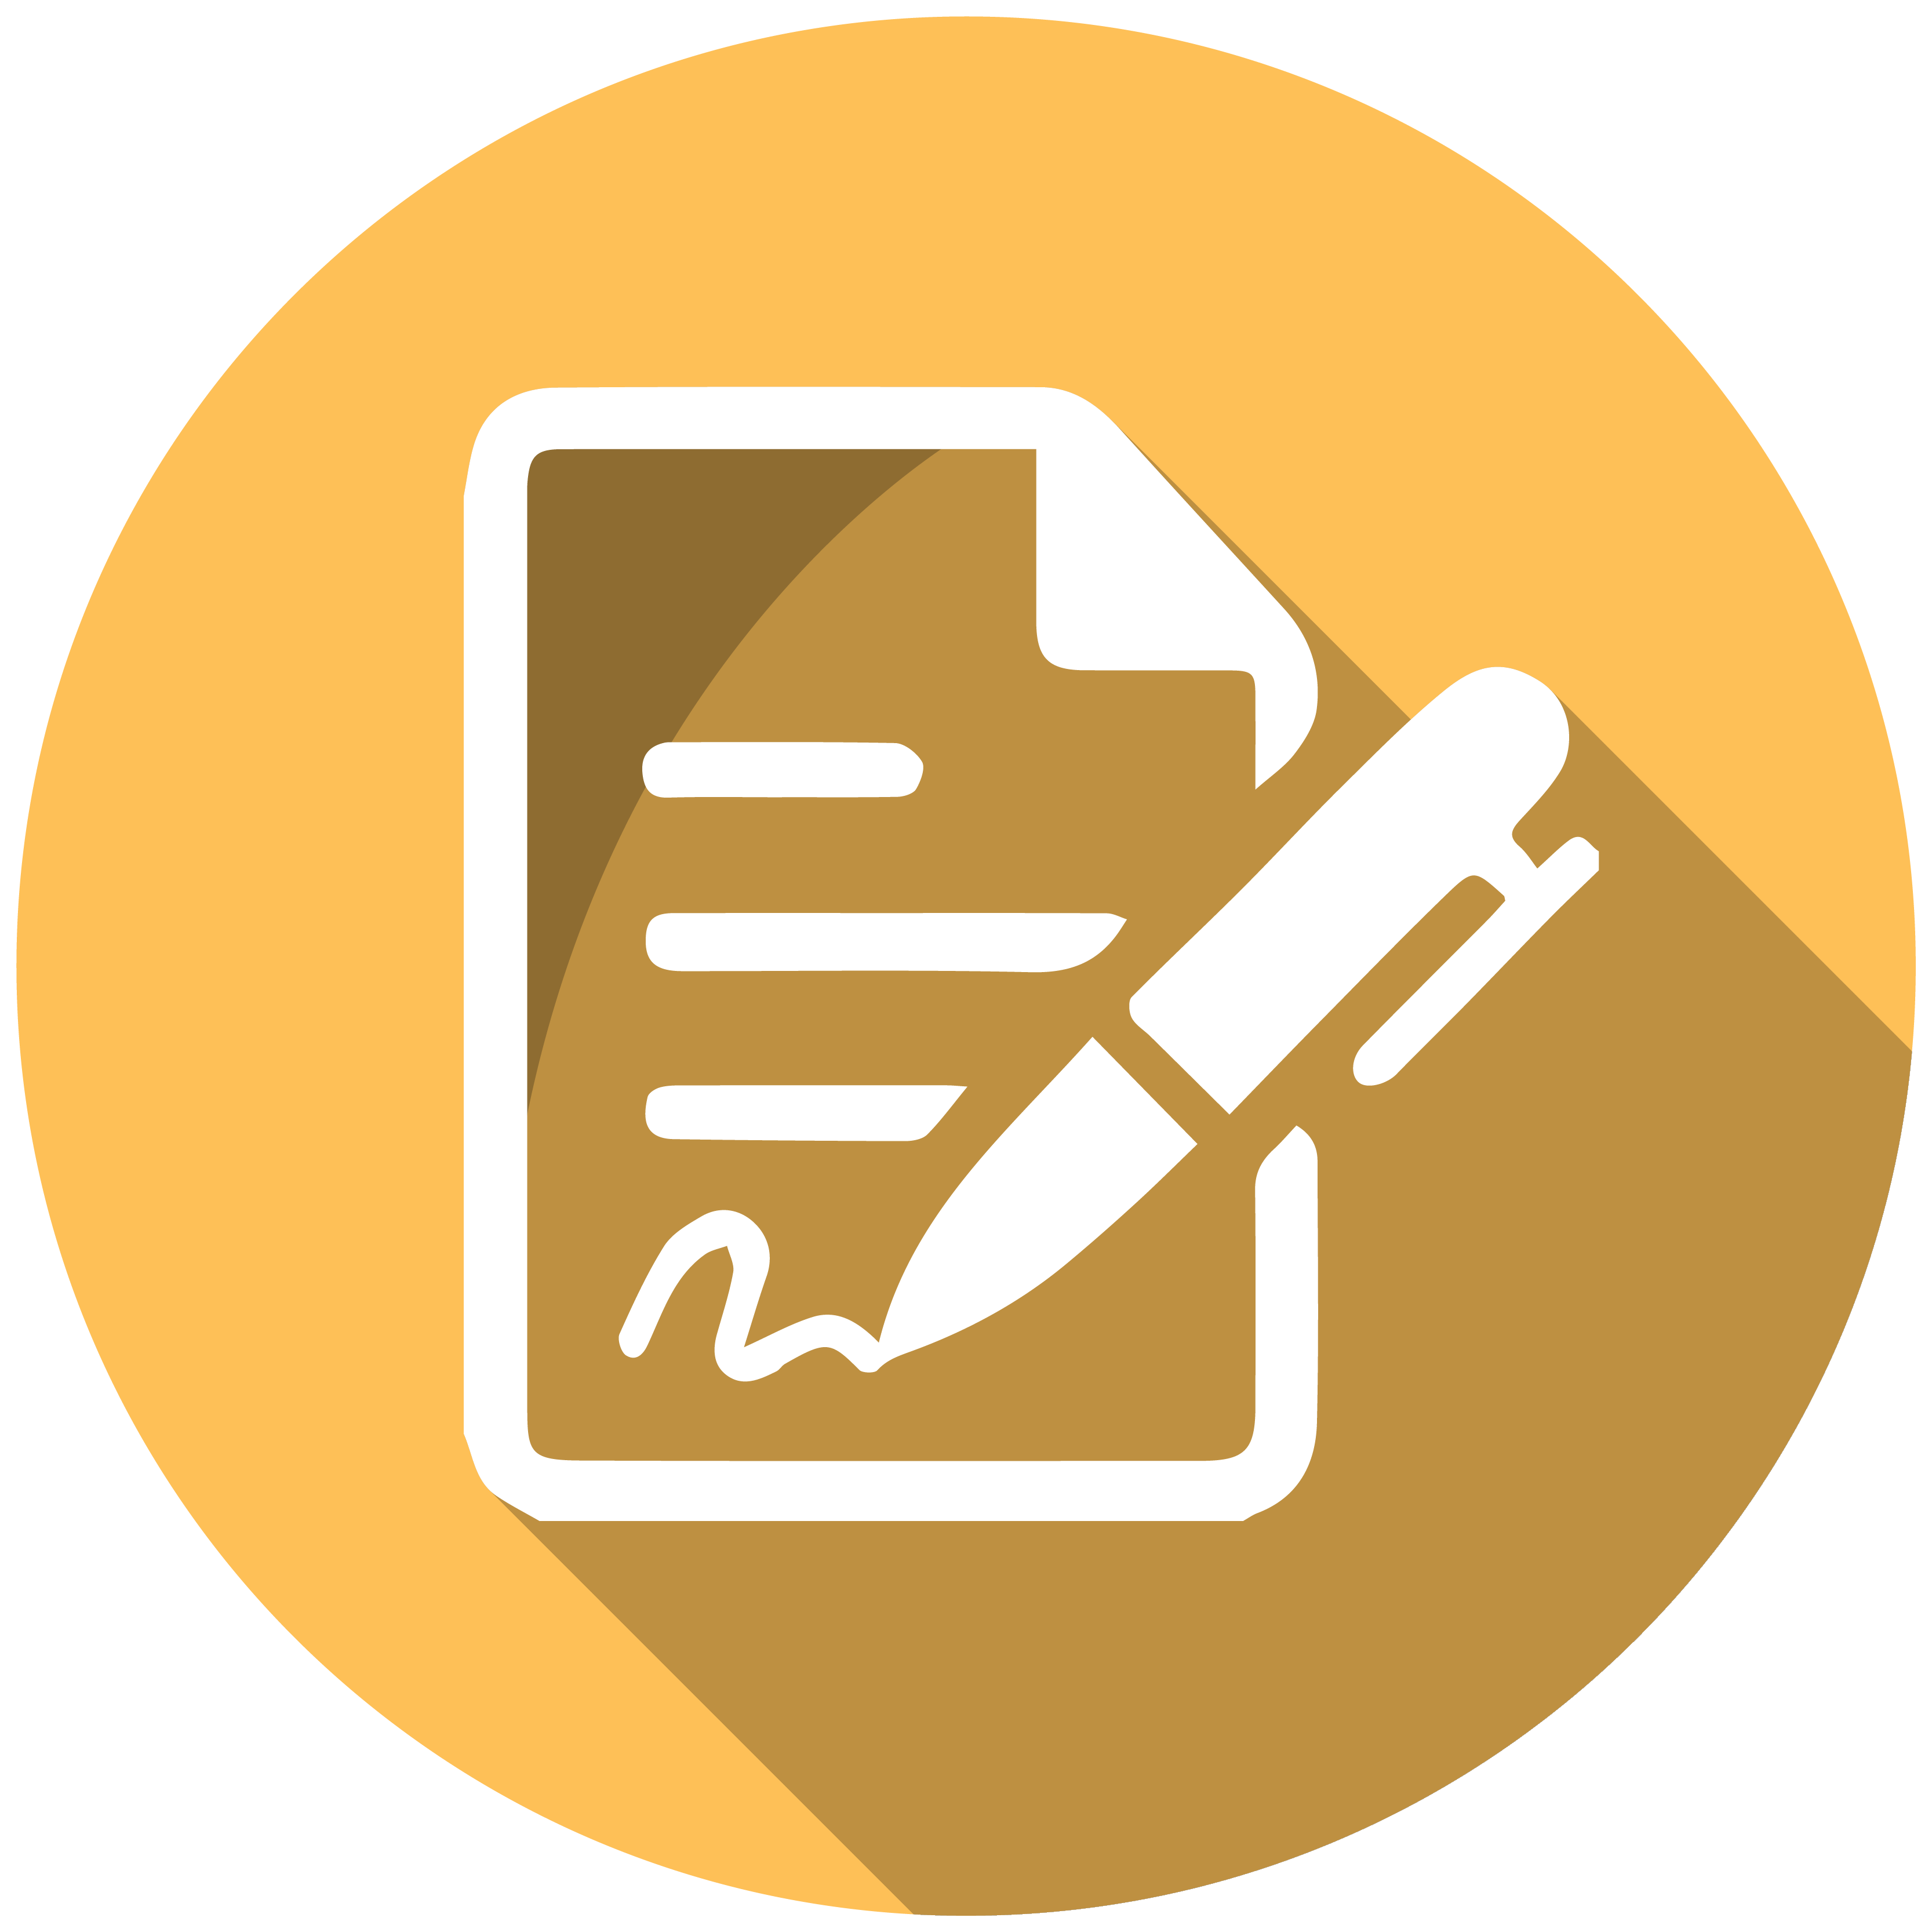 خرید آنلاین پرسشنامه رابطه مدیریت دانش و مدیریت کیفیت جامع در شركت های بیمه